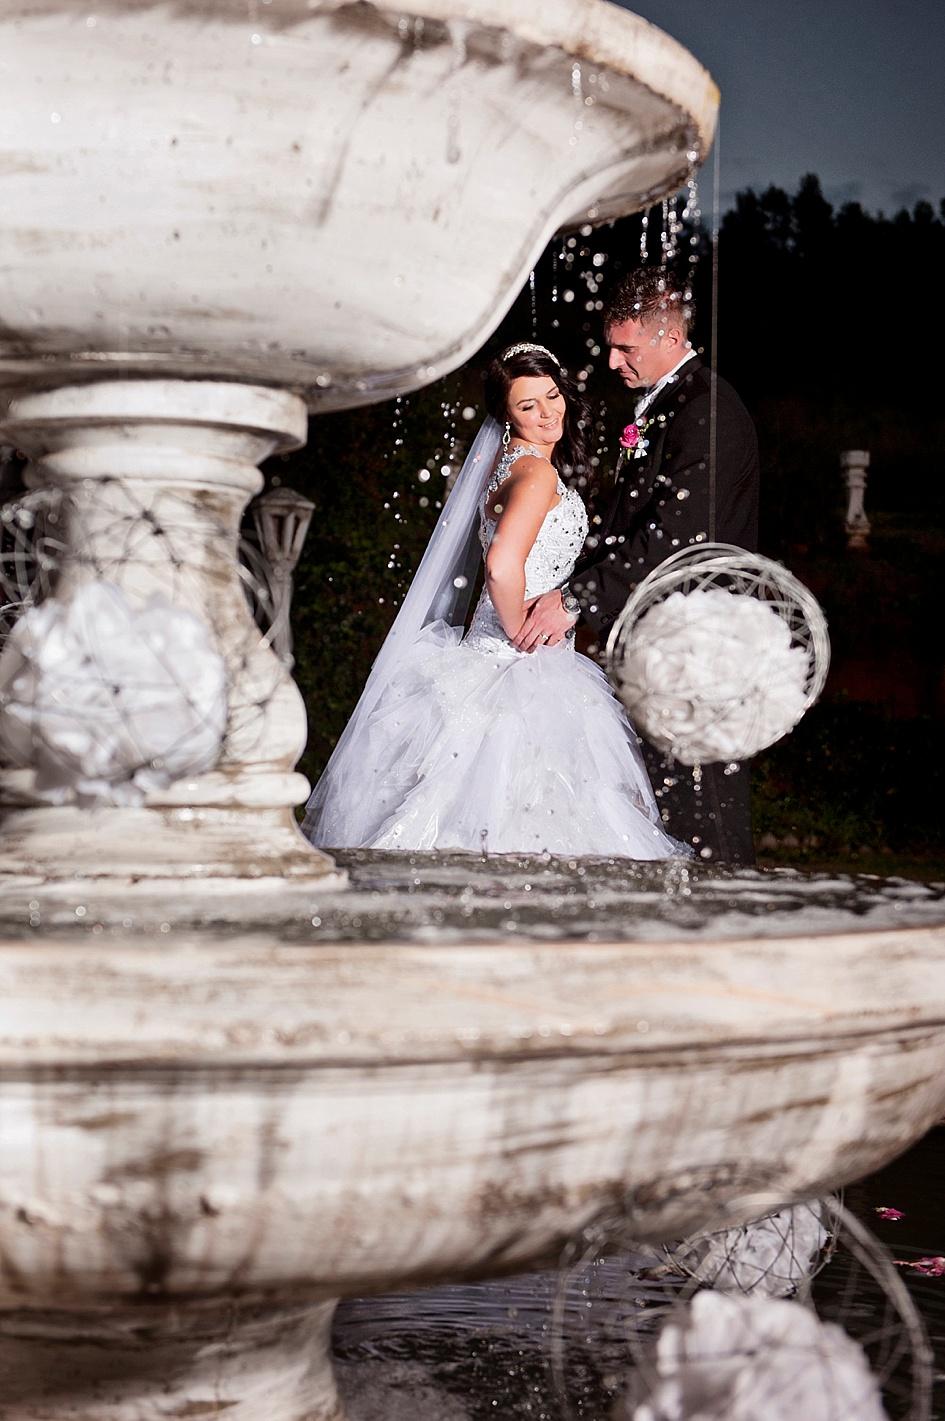 creative-fountain-nightshot-wedding-shoot.jpg